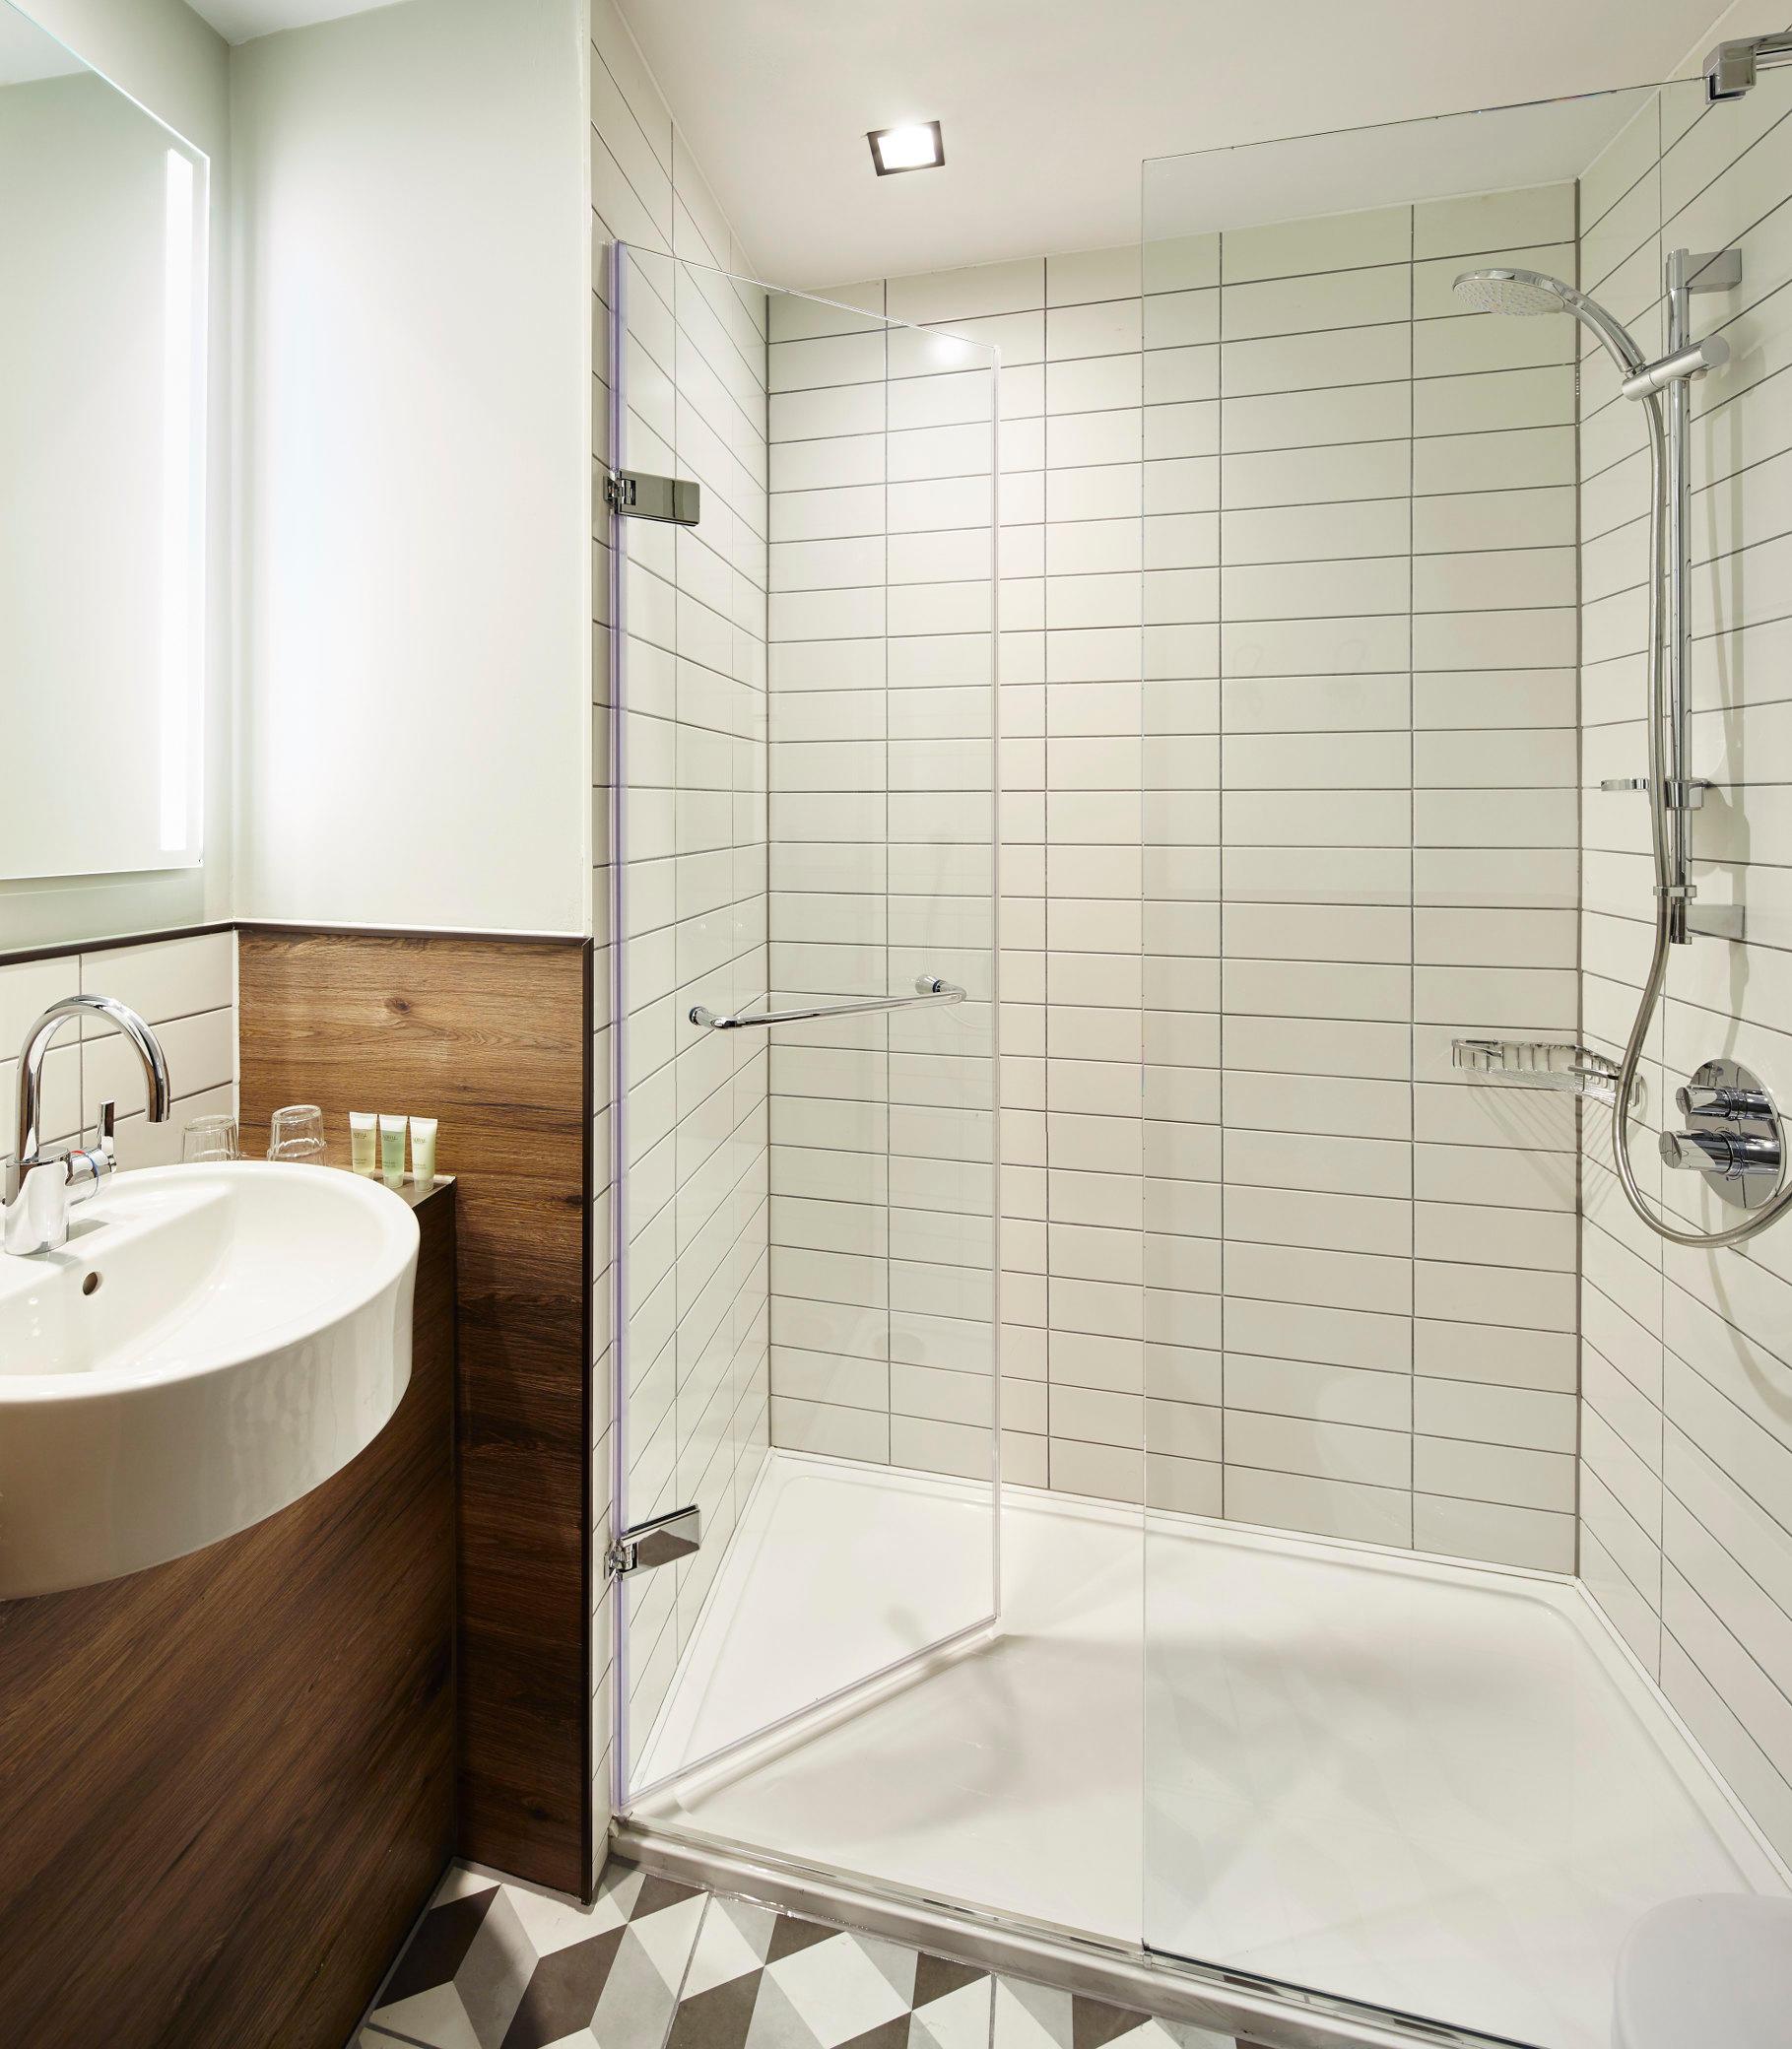 Residence Inn by Marriott London Bridge